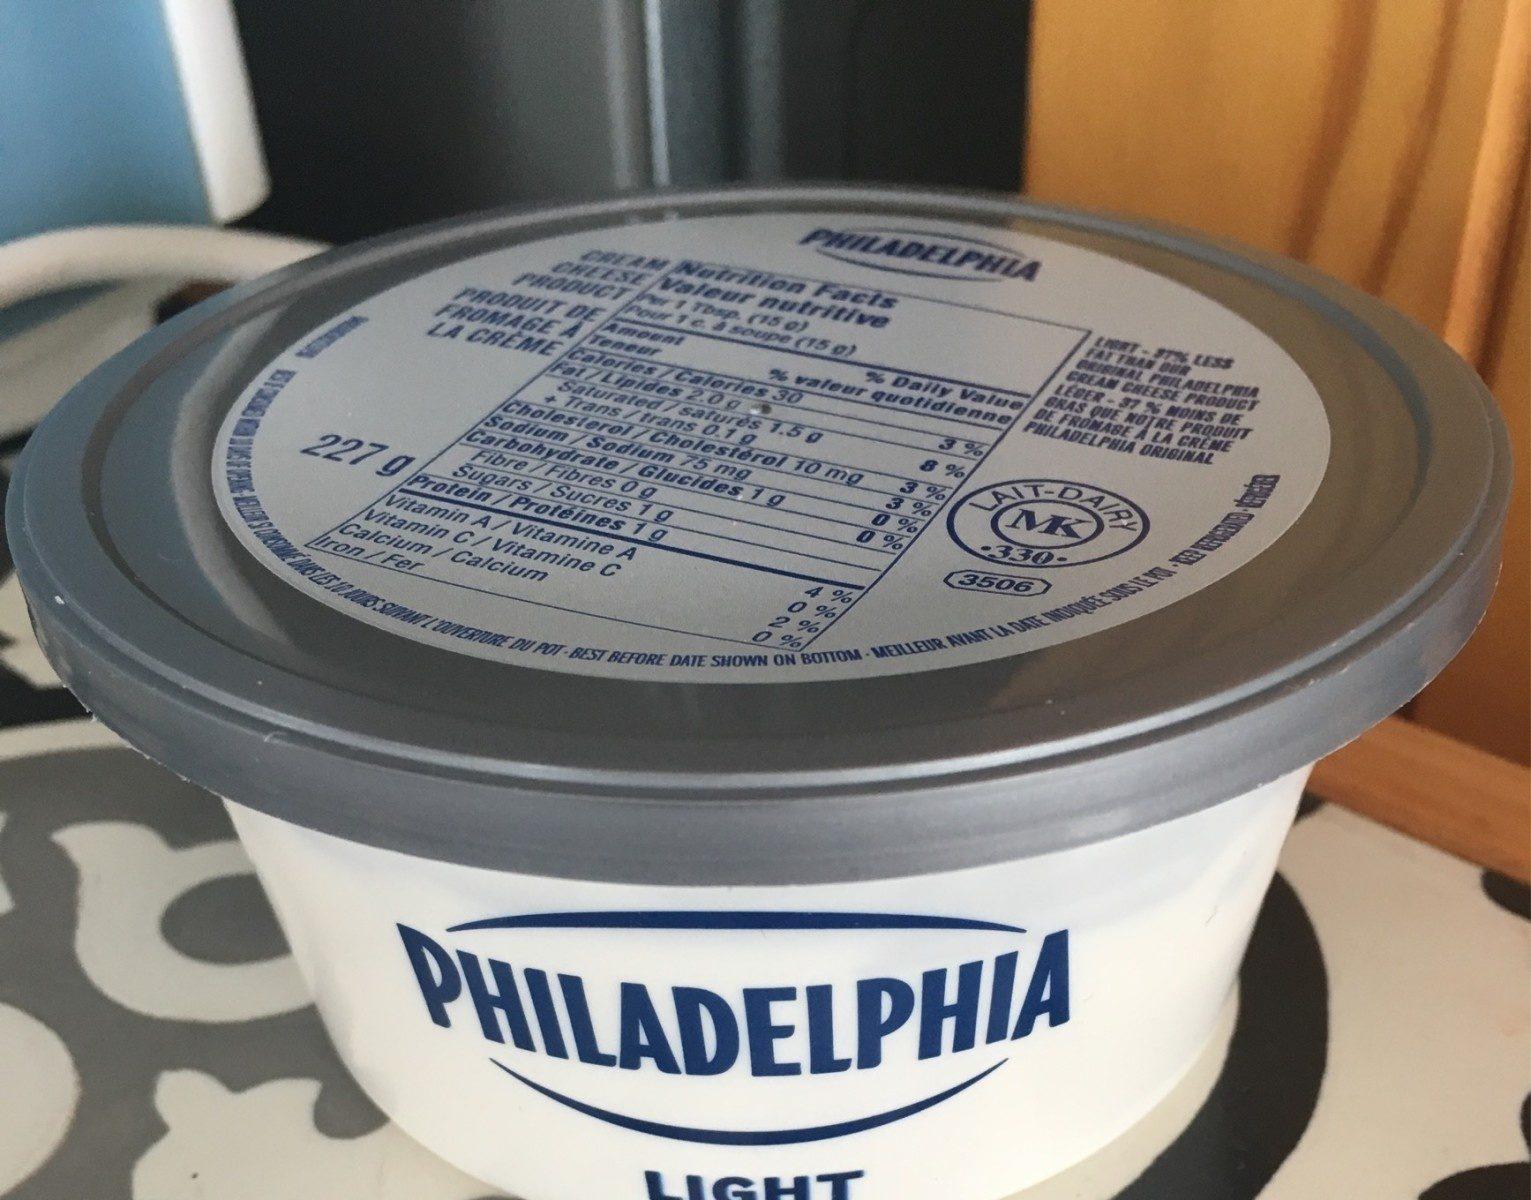 Philadelphia light - Product - fr